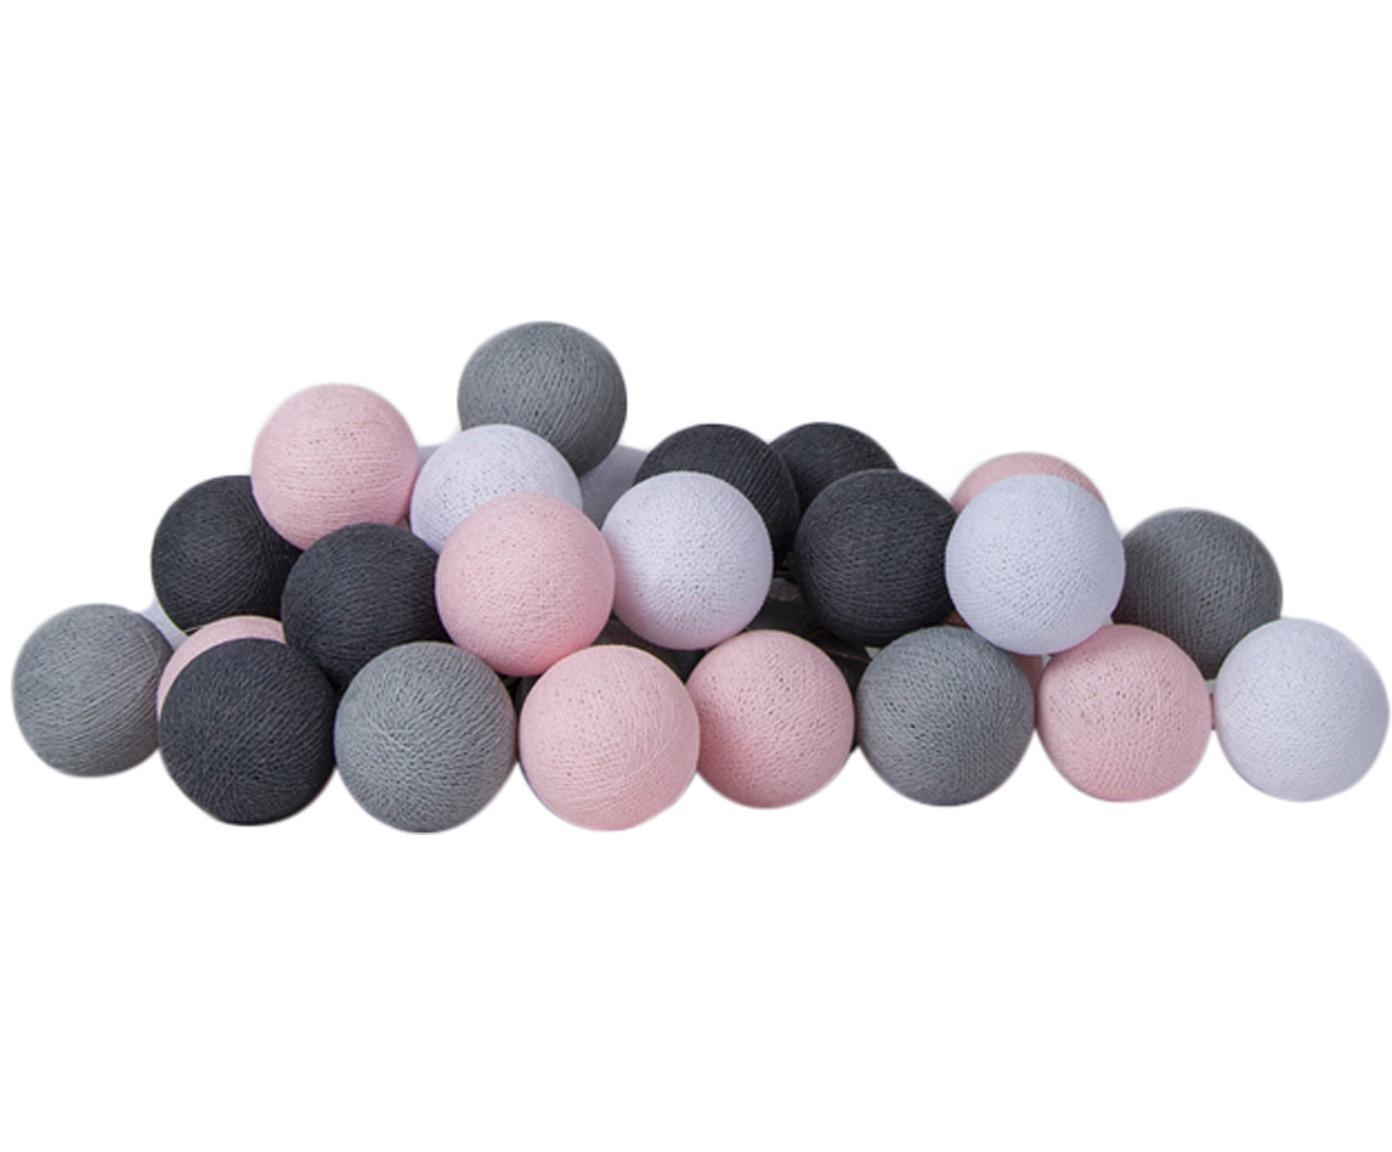 LED Lichterkette Colorain, Lampions: Polyester, Rosa, Grautöne, L 264 cm